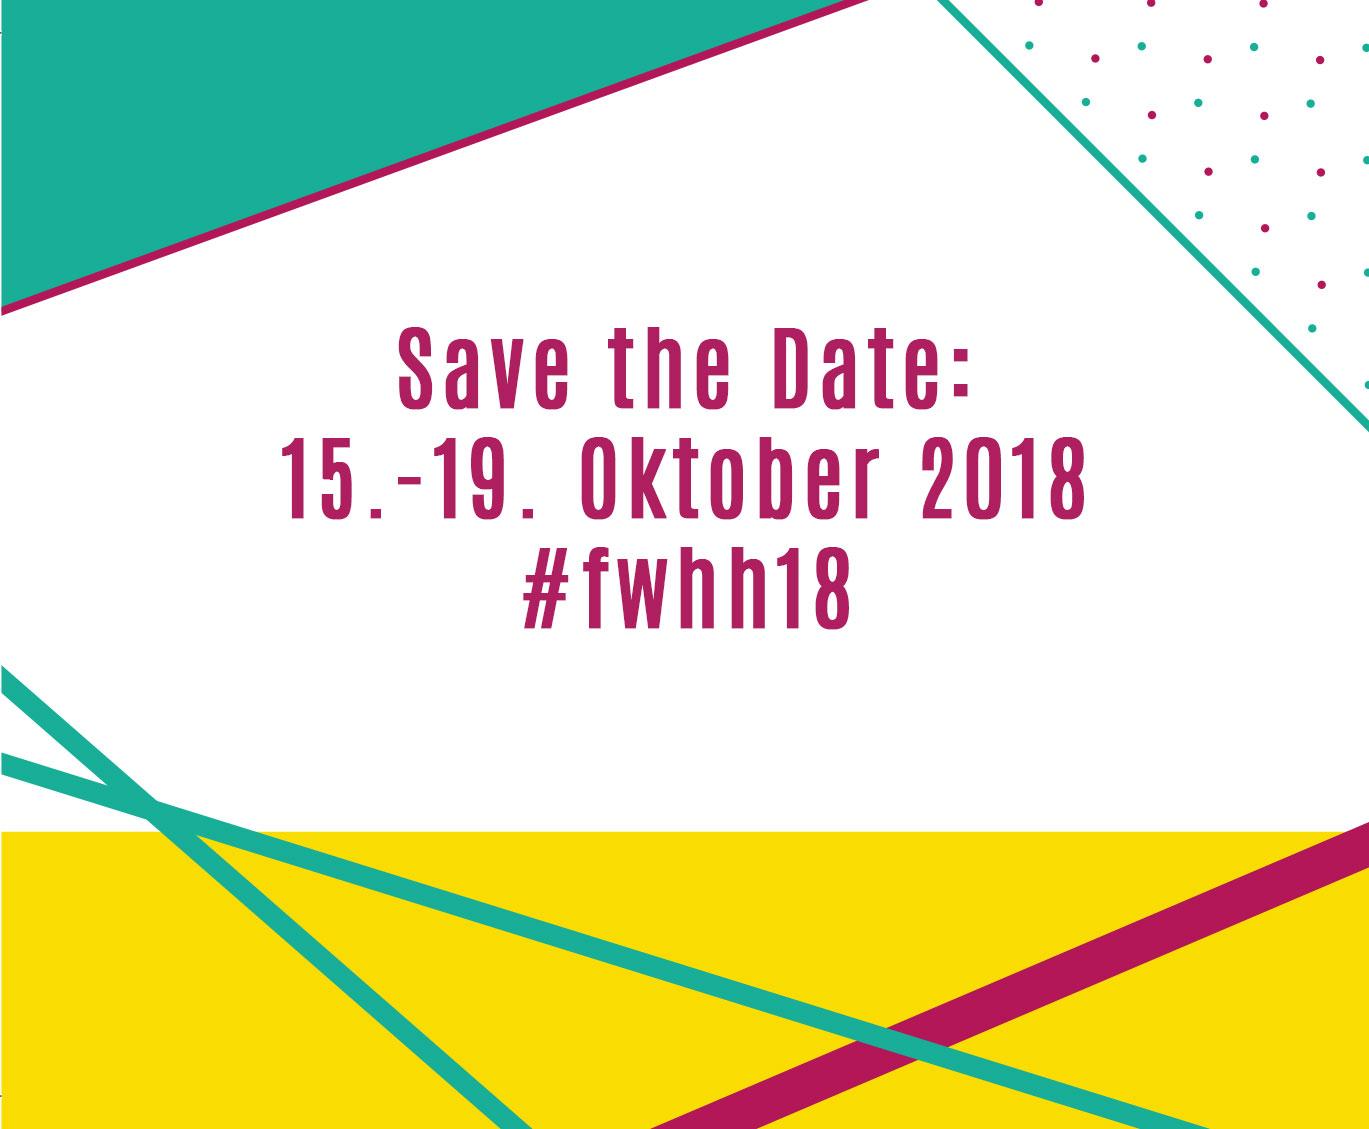 finletter und betahaus Hamburg richten die Fintech Week Hamburg vom 15. bis 19. Oktober 2018 aus